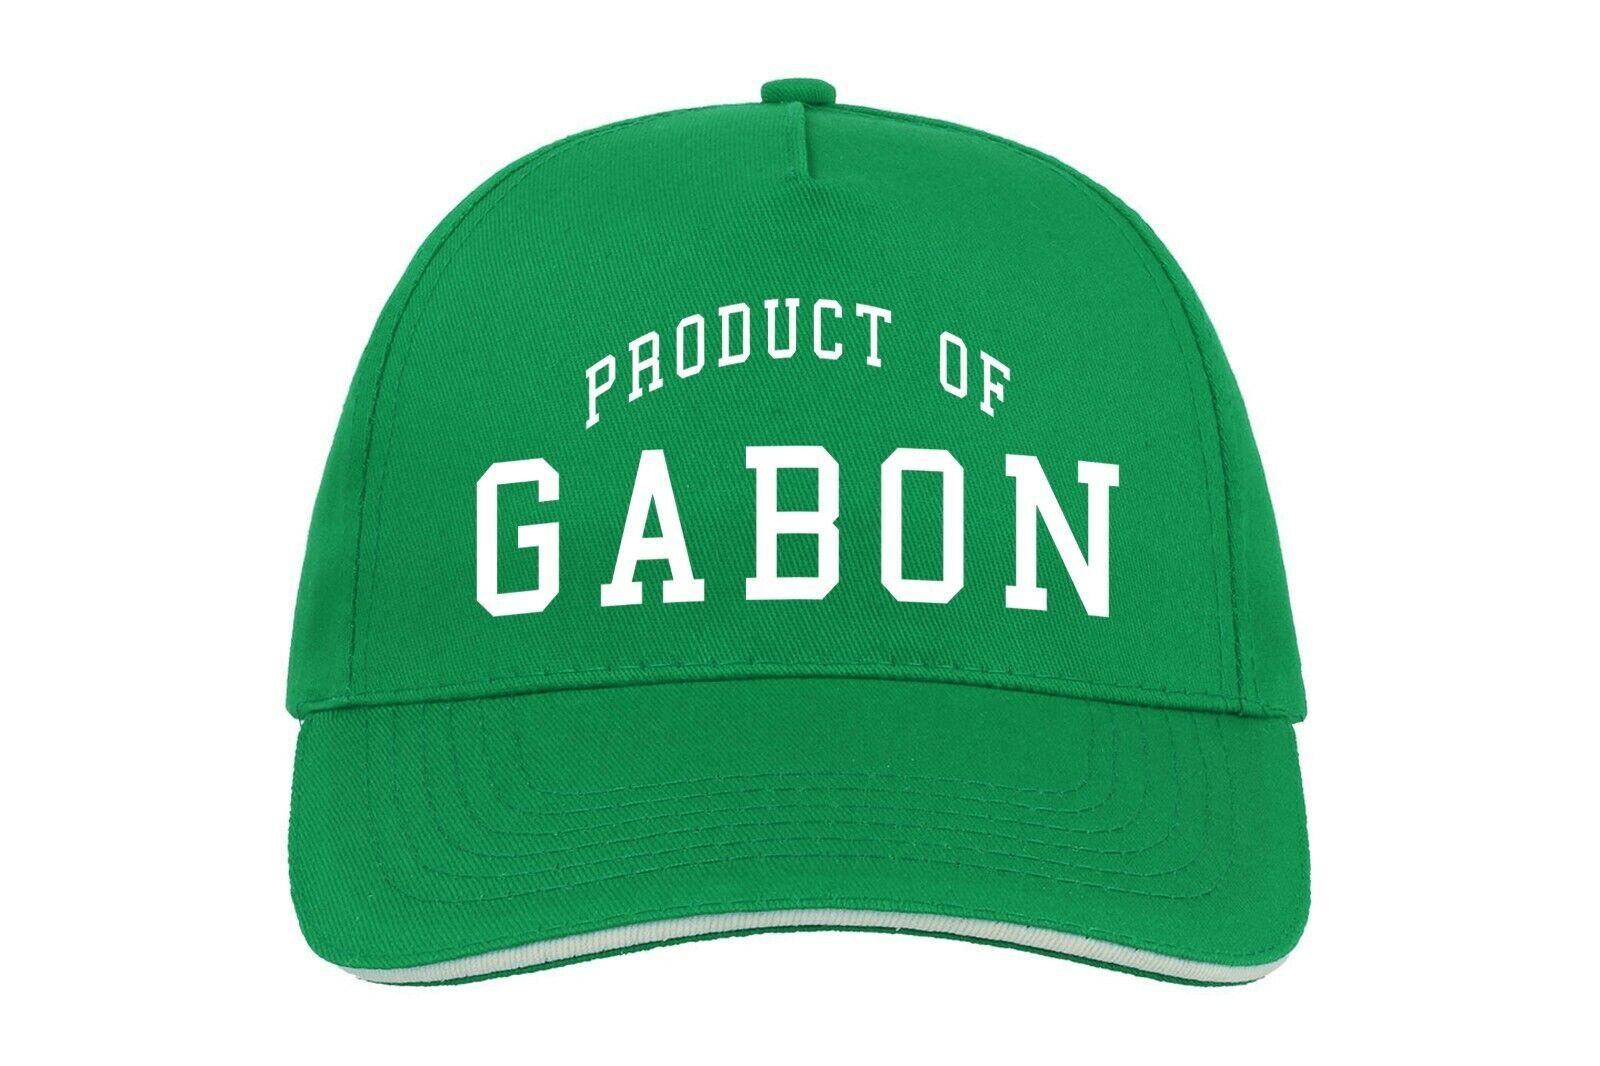 Gabon Produkt Von Baseballmütze Cap Eigener Geburtstagsgeschenk Country Gabuner